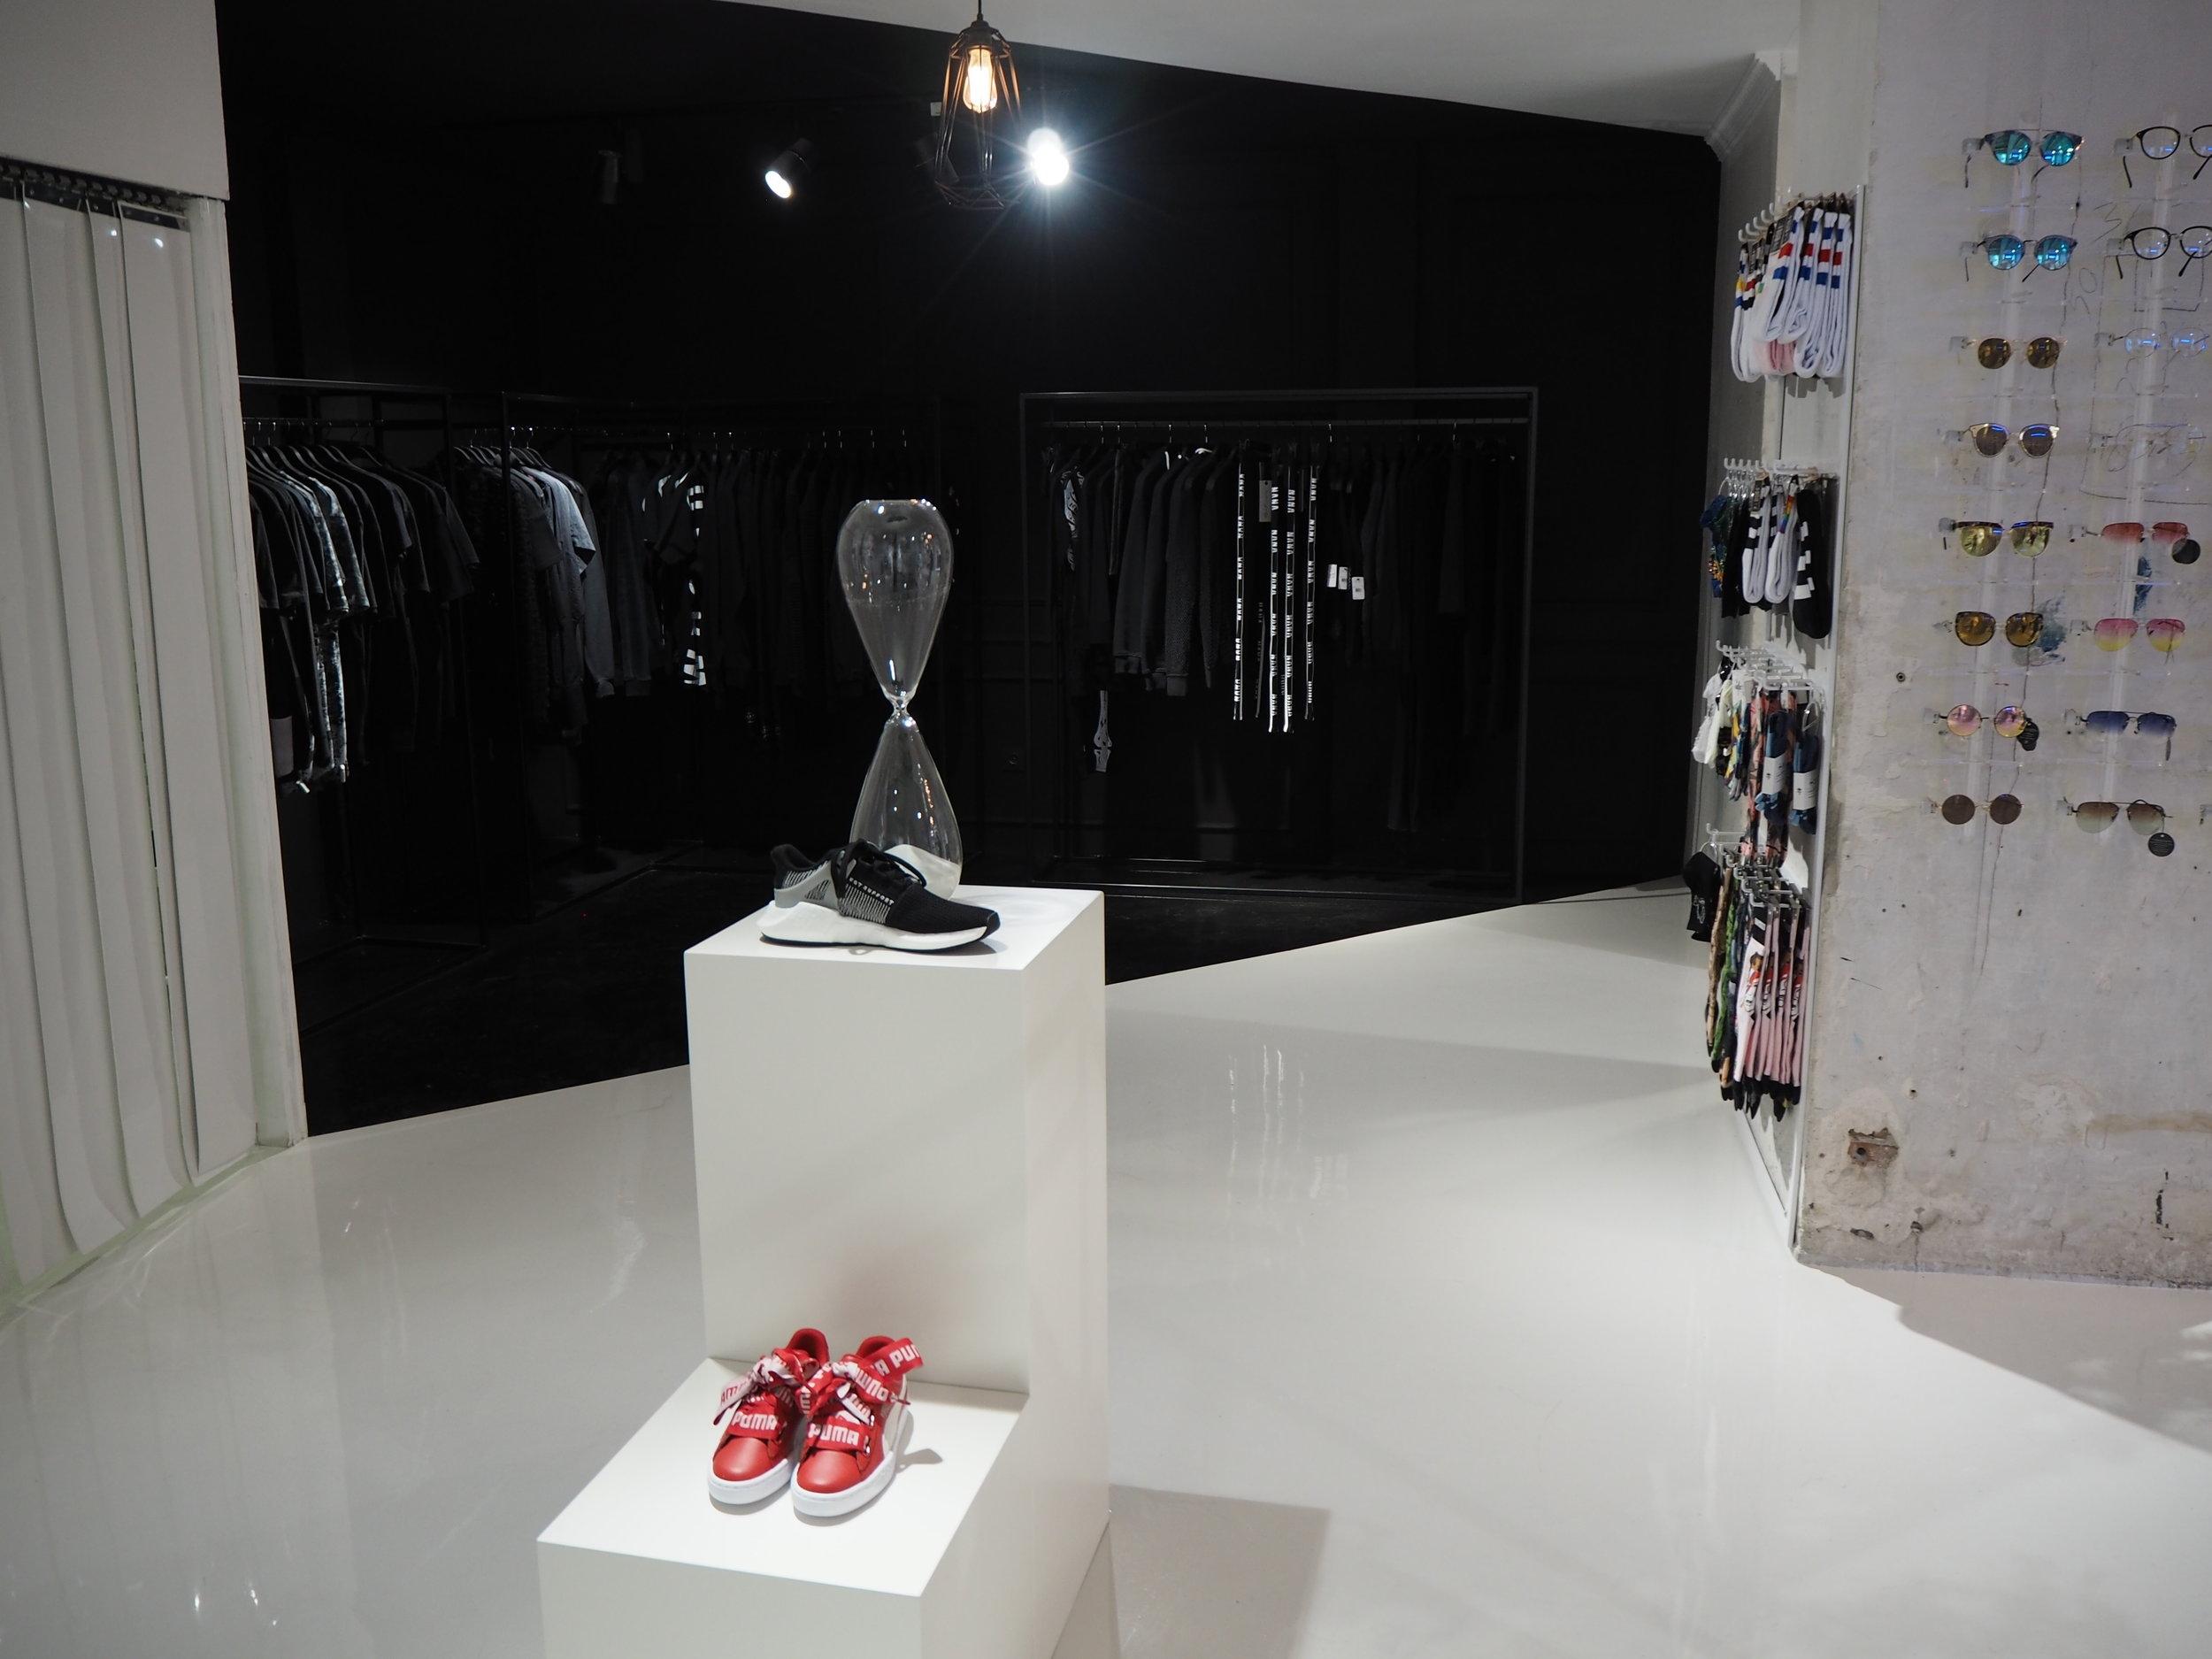 tiendas-ropa-madrid-originales-amen-negro.JPG